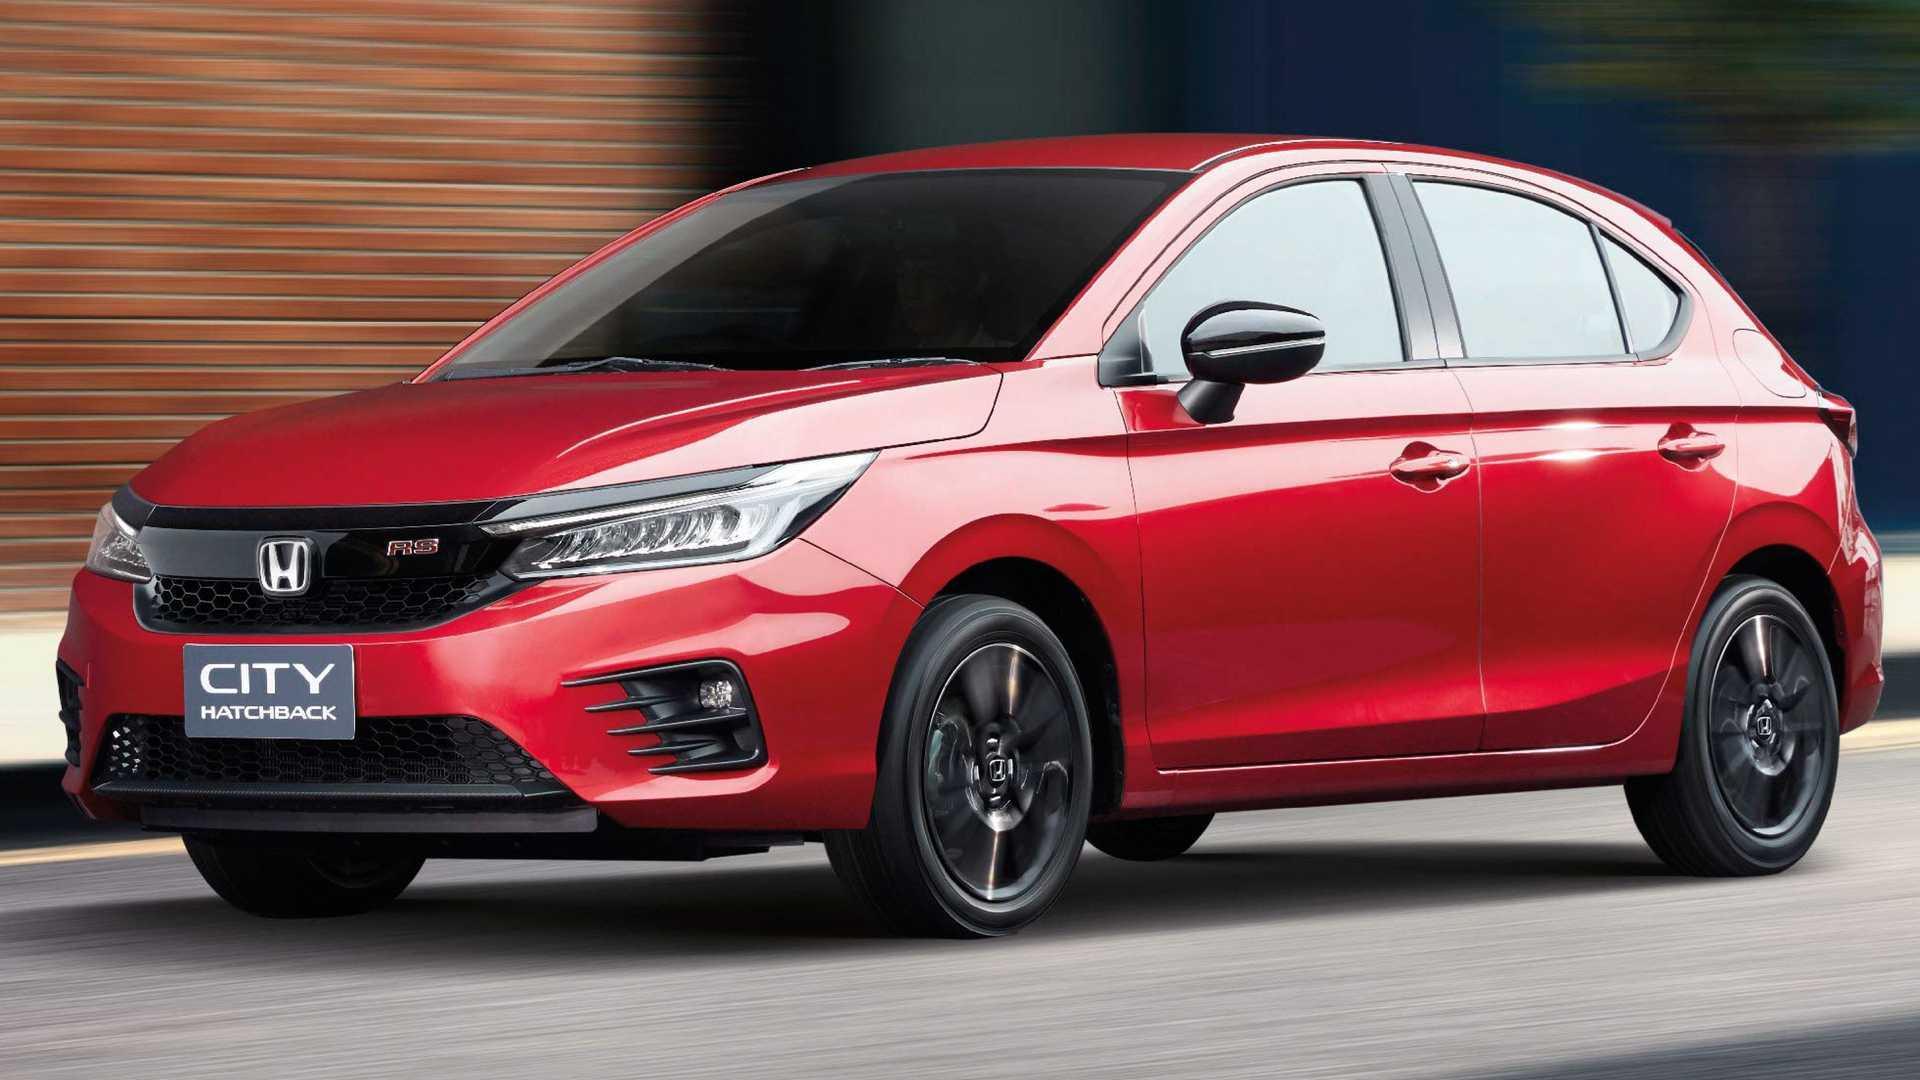 Honda City Hatchback Estreia Com 1 0 Turbo De 122 Cv E Sera Produzido No Brasil